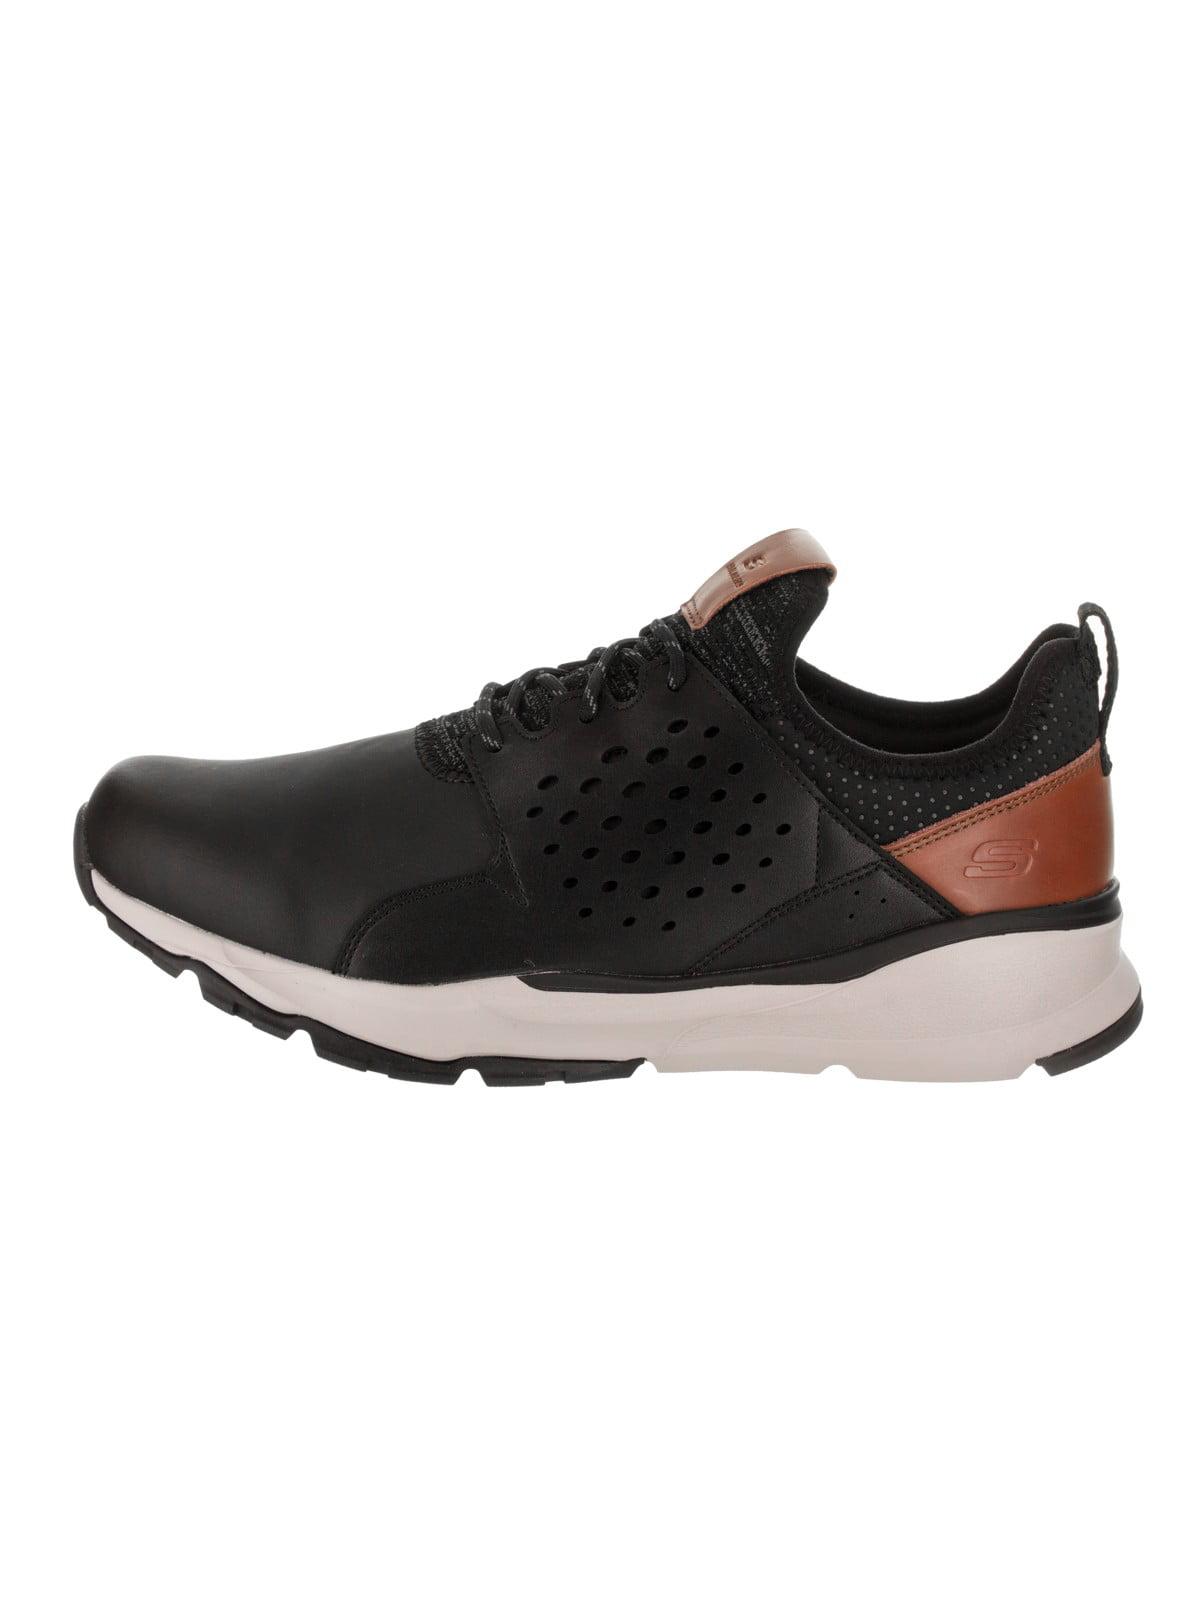 6644fb09f27f Skechers - Skechers Men s Relven - Hemson - Wide Fit Casual Shoe -  Walmart.com